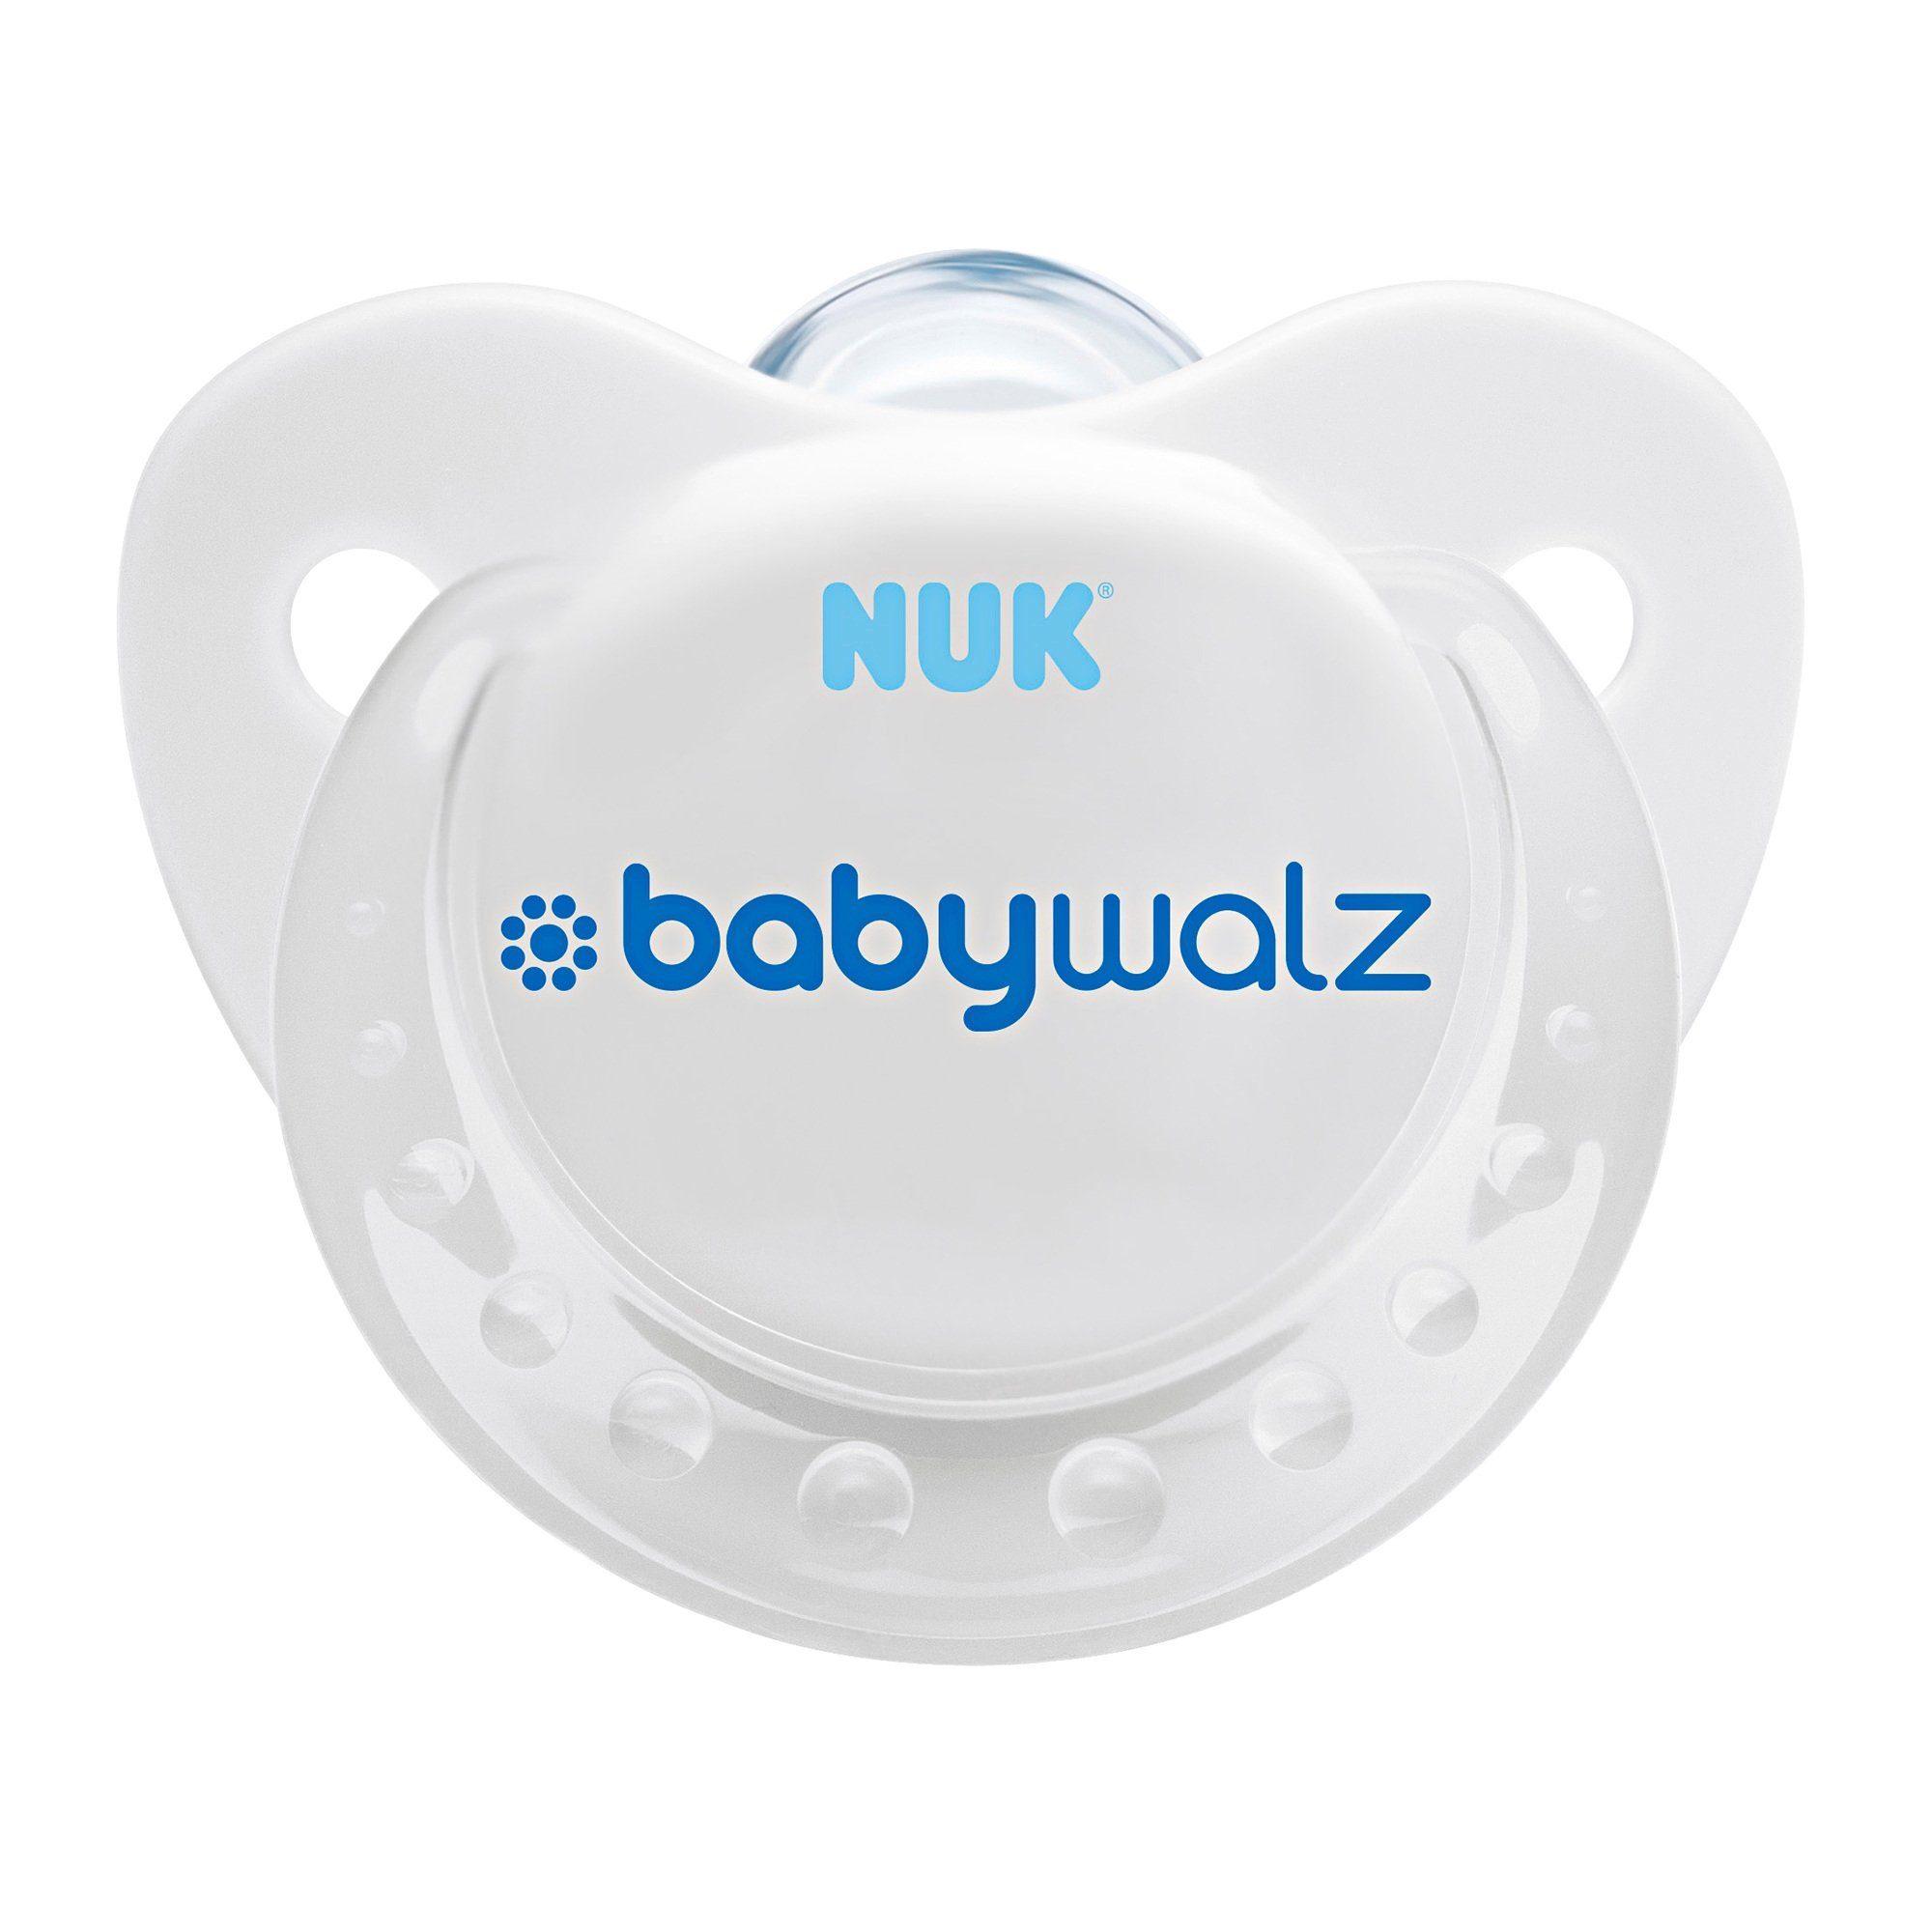 NUK Schnuller Trendline baby-walz 6-18M